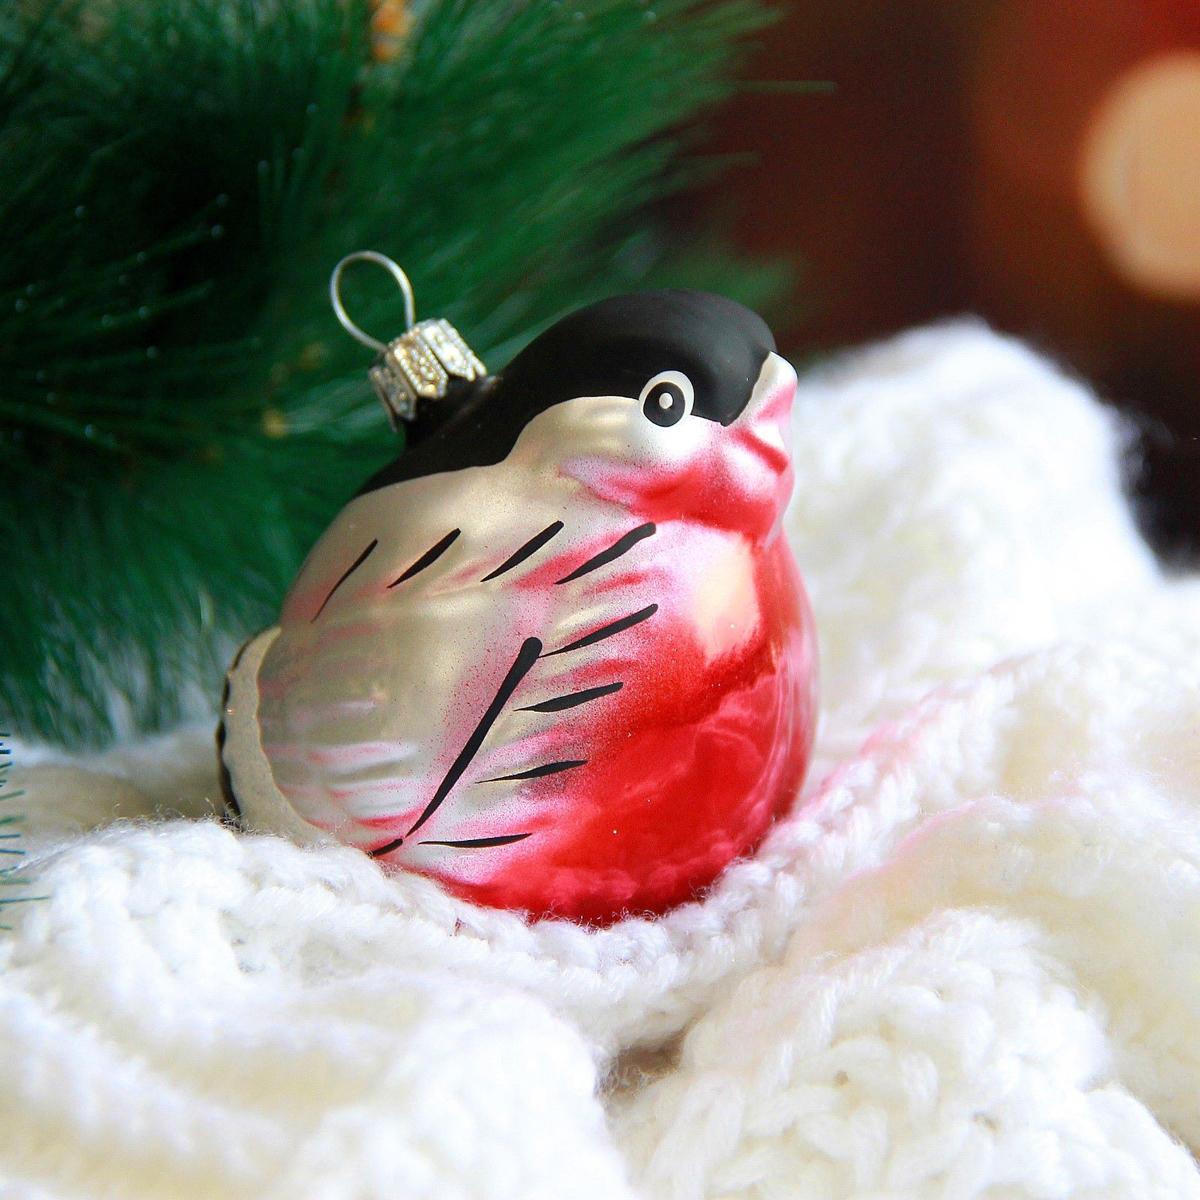 Украшение новогоднее елочное Ёлочка Снегирь, 7 х 7 х 8 см1721446Невозможно представить нашу жизнь без праздников! Мы всегда ждём их и предвкушаем, обдумываем, как проведём памятный день, тщательно выбираем подарки и аксессуары, ведь именно они создают и поддерживают торжественный настрой.